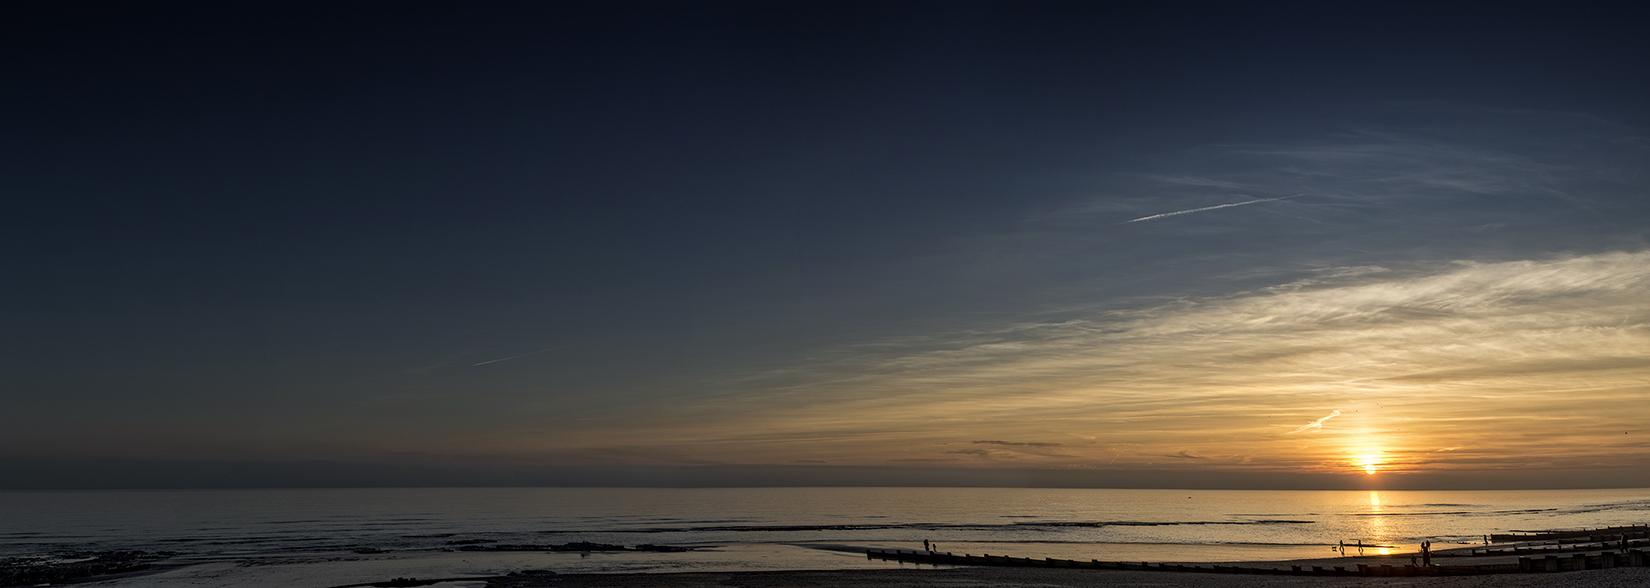 sunsetpanosm